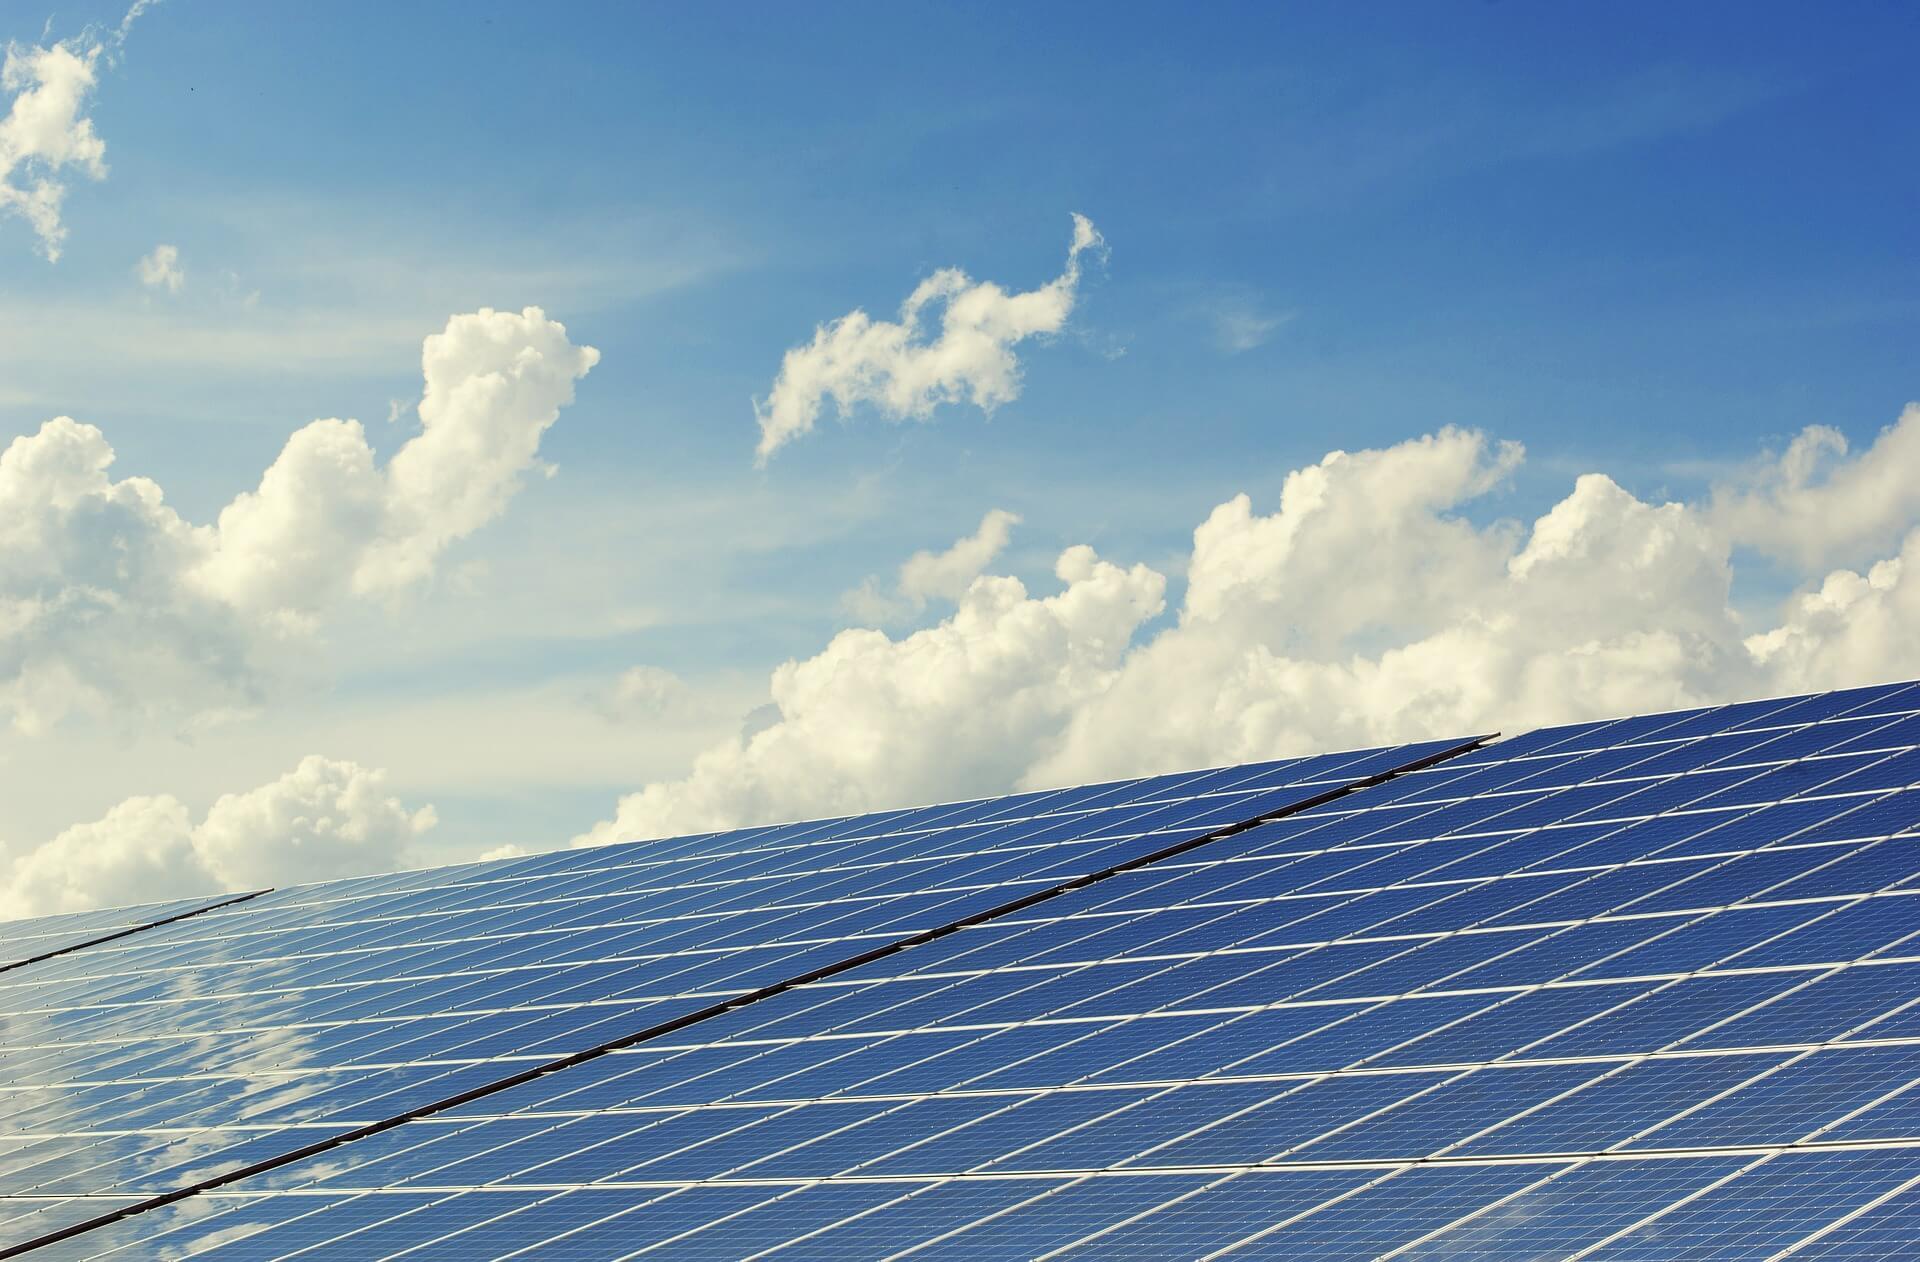 Wie funktioniert eine Photovoltaikanlage?